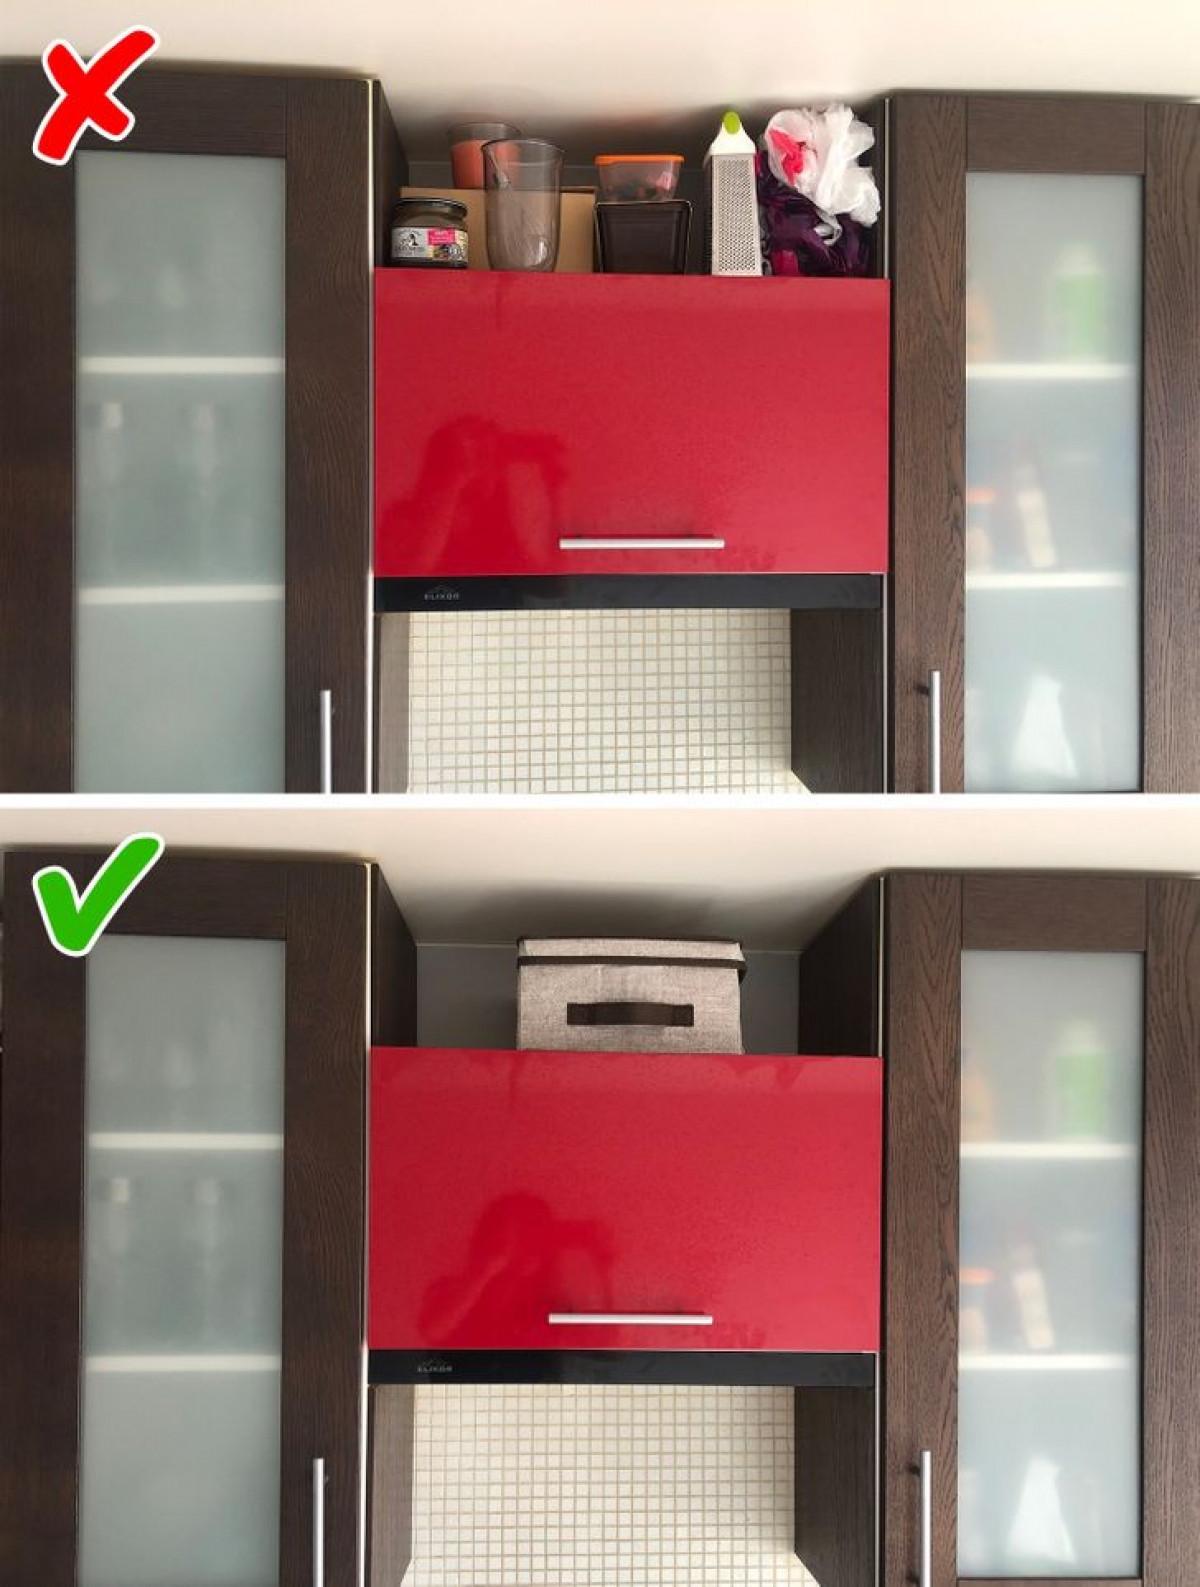 Nếu có một khoảng trống nào đó giữa tủ bếp trên và trần nhà, thông thường mọi người sẽ tranh thủ đặt đồ lên đó. Tuy nhiên, việc tận dụng này sẽ khiến gian bếp của bạn trông lộn xộn và kém đẹp. Bạn hãy sử dụng một cái hộp để chứa đồ, chúng vừa giúp đồ đạc không bị bẩn lại khiến căn bếp gọn gàng hơn.